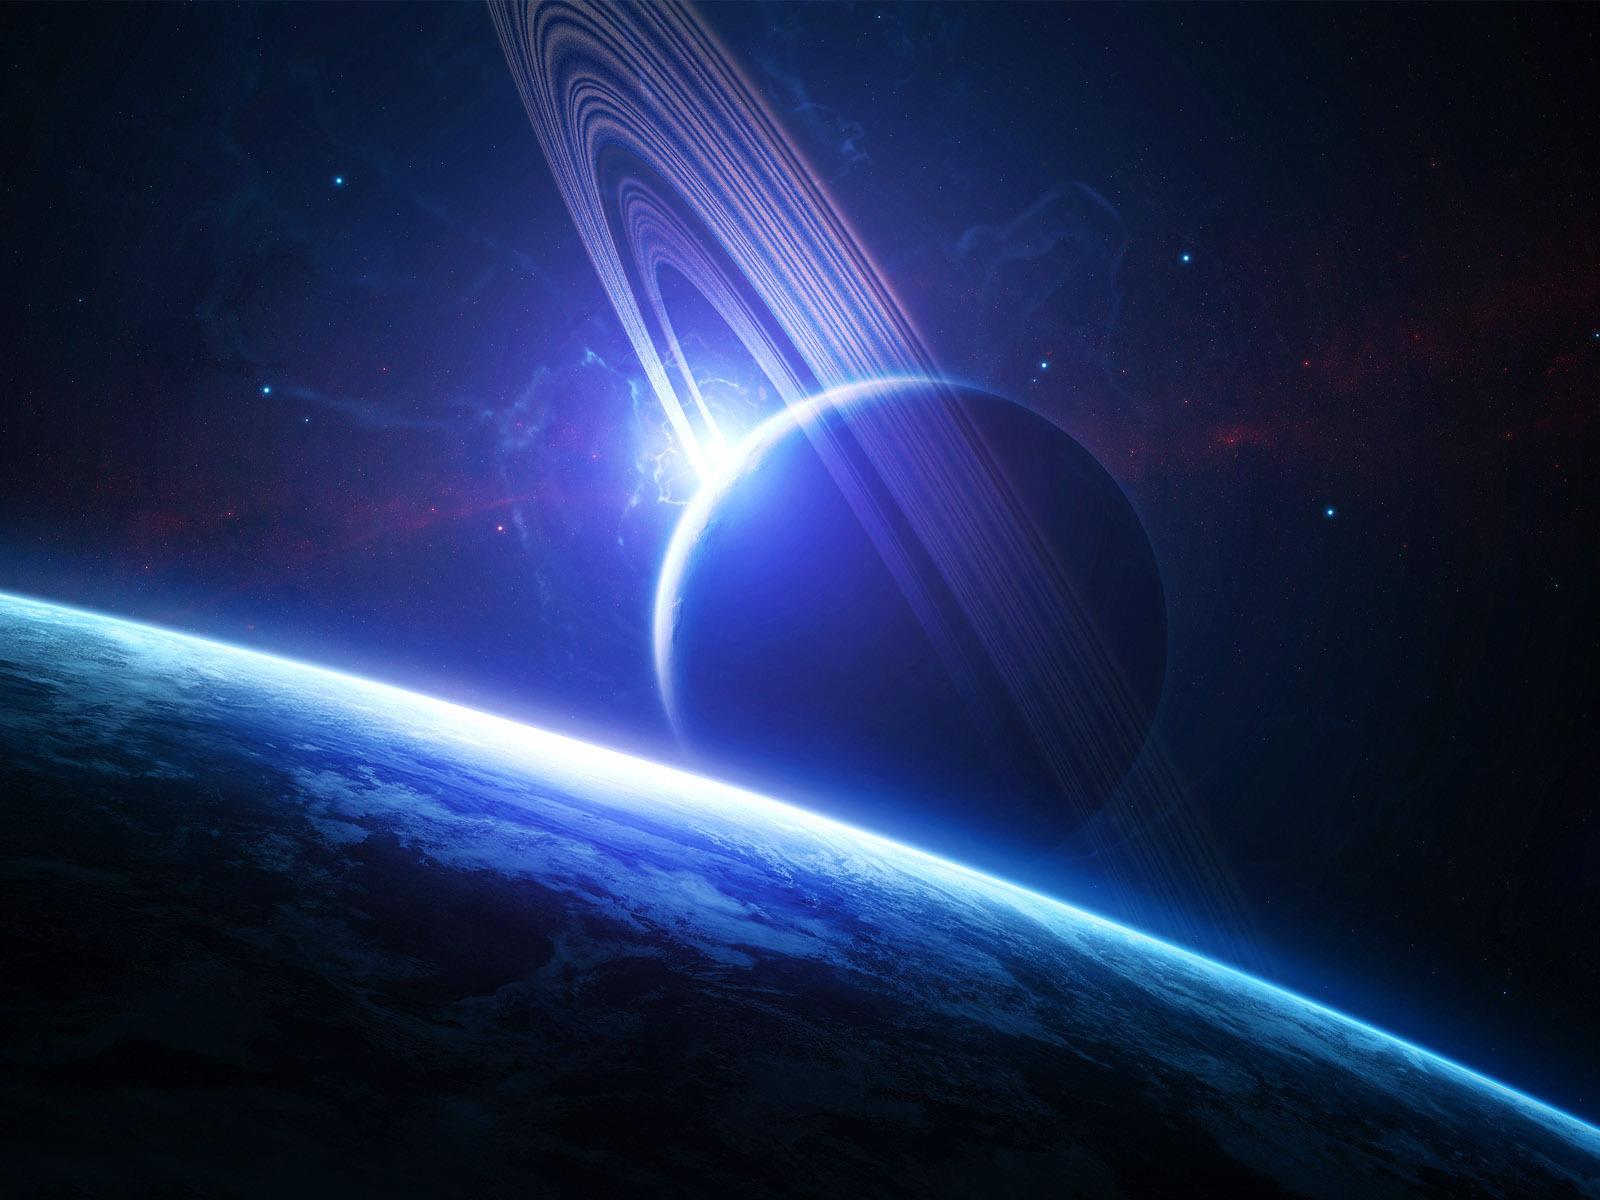 2139 télécharger le fond d'écran Paysage, Fantaisie, Planètes, Univers - économiseurs d'écran et images gratuitement